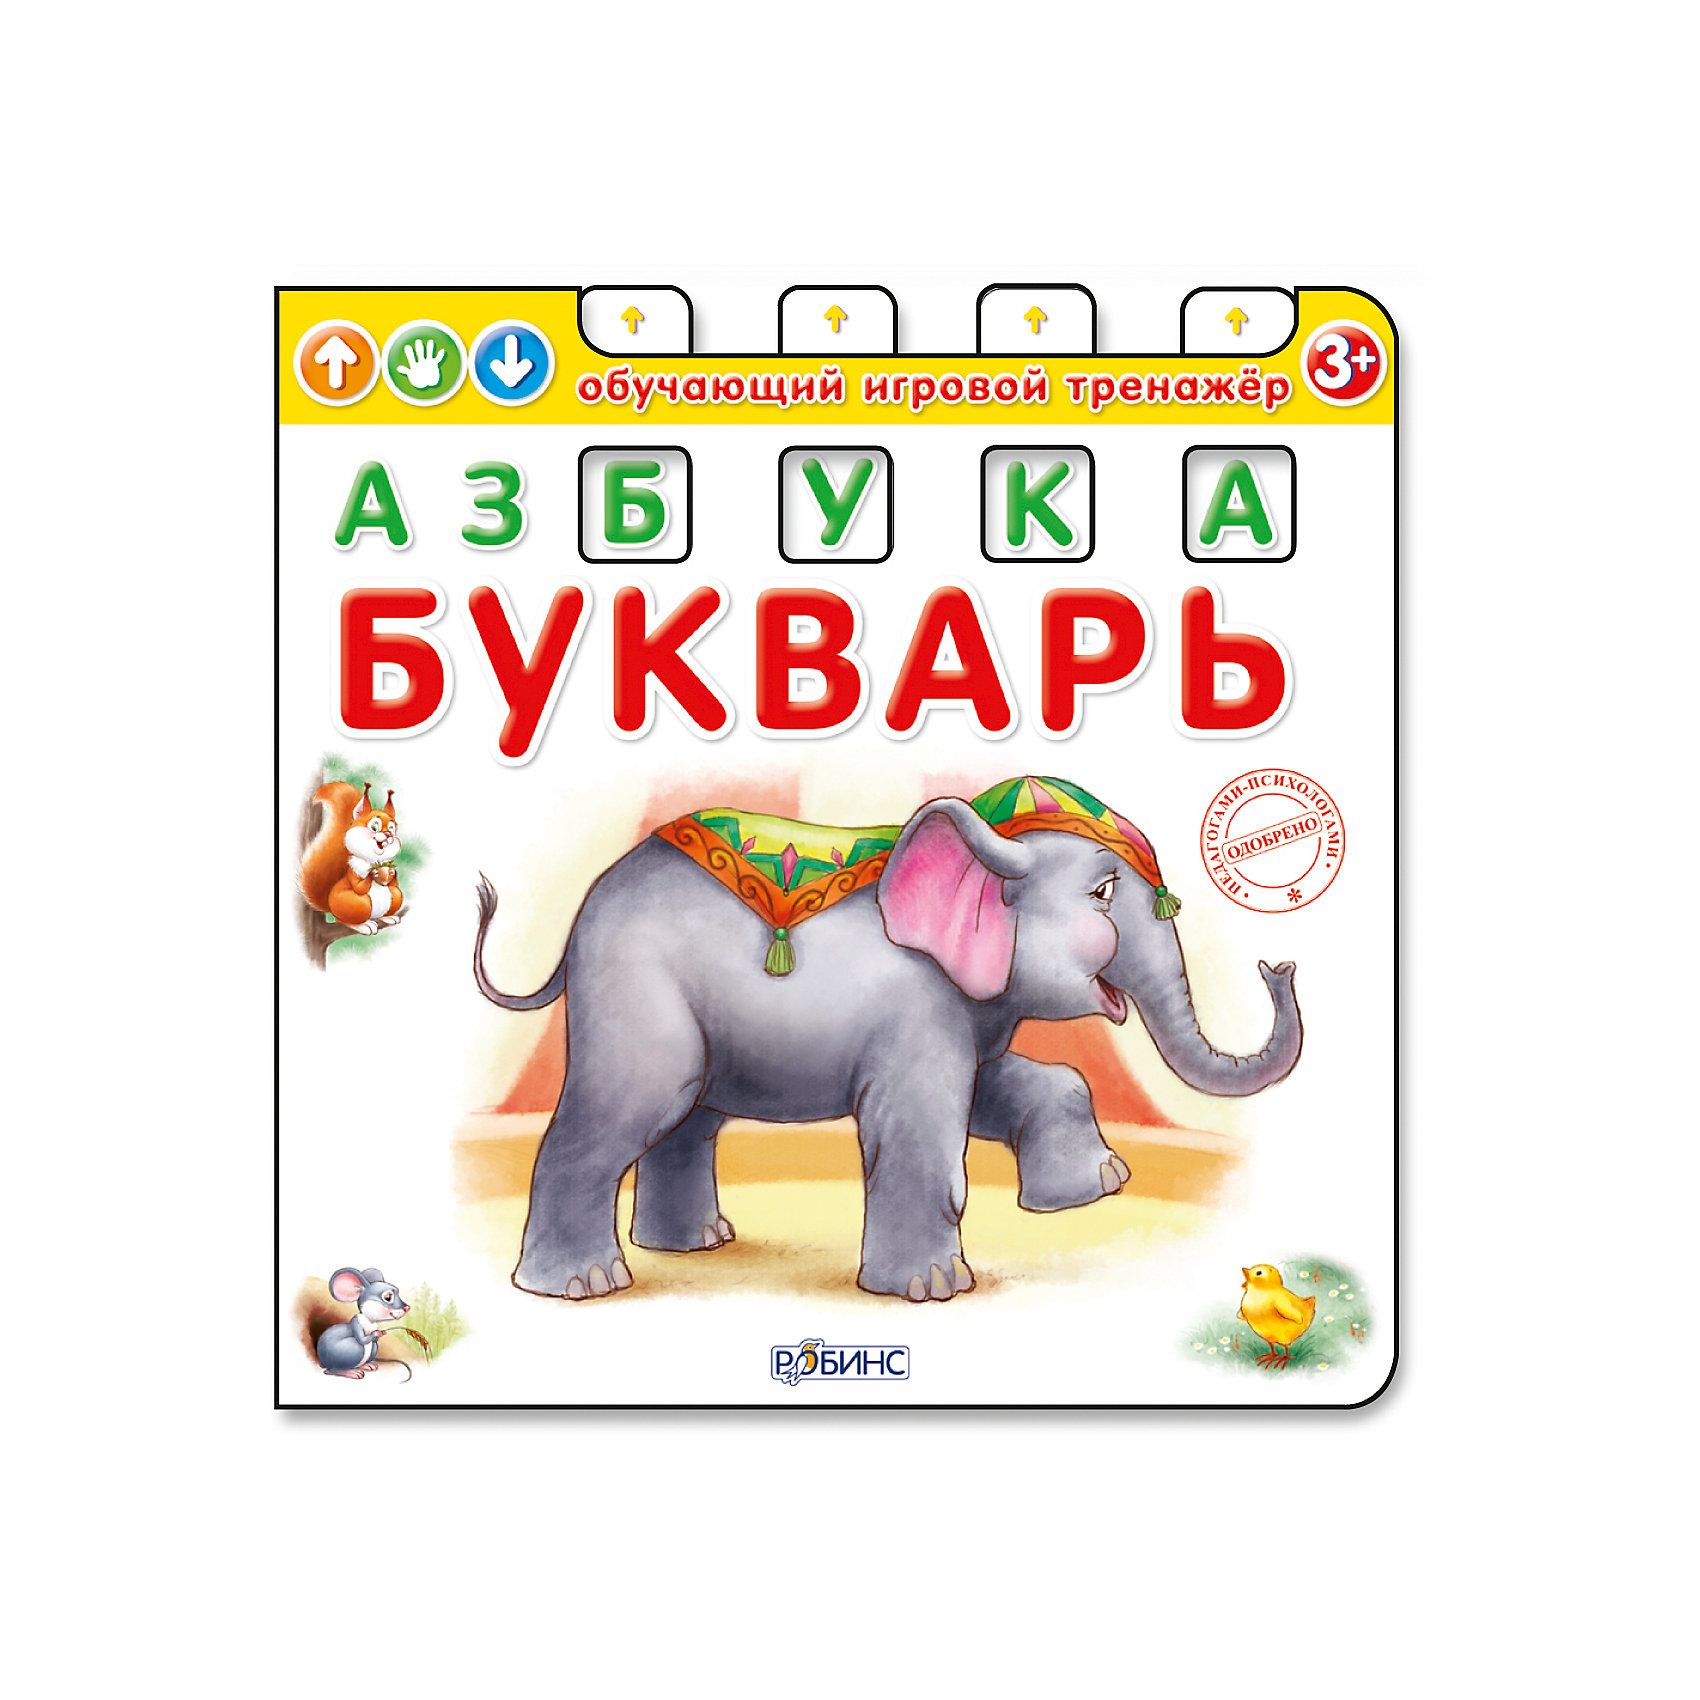 Обучающий игровой тренажер Азбука-БукварьАзбуки<br>Обучающий игровой тренажер Азбука-Букварь – это не просто азбука, а настоящий игровой тренажер, который поможет ребенку выучить буквы.<br>Обучающий тренажёр Азбука-Букварь – уникальная технология, разработанная детскими психологами и позволяющая улучшать память, внимание, мышление и логические способности, готовить детей к школе. С помощью этой книги вашему ребенку будет гораздо легче и проще освоить алфавит и обучаться чтению в процессе веселой игры. На каждом развороте книги имеется крупно изображенные буквы, забавные стихотворения про животных и картинки животных, задания, 4 окошка и четыре подвижных элемента-язычка, на которых есть буквы. Каждой букве посвящено отдельное стихотворение о каком-нибудь животном. Начальные буквы выделены разным цветом, что создаст дополнительные ассоциации и поможет быстрее запомнить алфавит. Полученные знания юный ученик сможет проверить на тренажере. Передвигая язычки, ваш ребенок будет собрать слова из уже изученных букв. Выполняя определённые задания и экспериментируя с тренажёром, ваш малыш будет одновременно играть, и обучаться, а забавные стихи ко всем буквам понравятся ребенку и он быстро и с удовольствием их запомнит. Страницы в книге очень толстые. Они не рвутся, не мнутся и легко переворачиваются.<br><br>Дополнительная информация:<br><br>- Редактор: Наталья Ерофеева<br>- Художник: Г. Белоголовская<br>- Издательство: Робинс<br>- Серия: Обучающий игровой тренажер<br>- Переплет: картон<br>- Оформление: вырубка, выдвигающиеся элементы<br>- Количество страниц: 10 (картон)<br>- Иллюстрации: цветные<br>- Размер: 260 х 260 х 25 мм.<br>- Вес: 855 гр.<br><br>Книгу Обучающий игровой тренажер Азбука-Букварь можно купить в нашем интернет-магазине.<br><br>Ширина мм: 260<br>Глубина мм: 260<br>Высота мм: 25<br>Вес г: 855<br>Возраст от месяцев: 36<br>Возраст до месяцев: 72<br>Пол: Унисекс<br>Возраст: Детский<br>SKU: 4050218